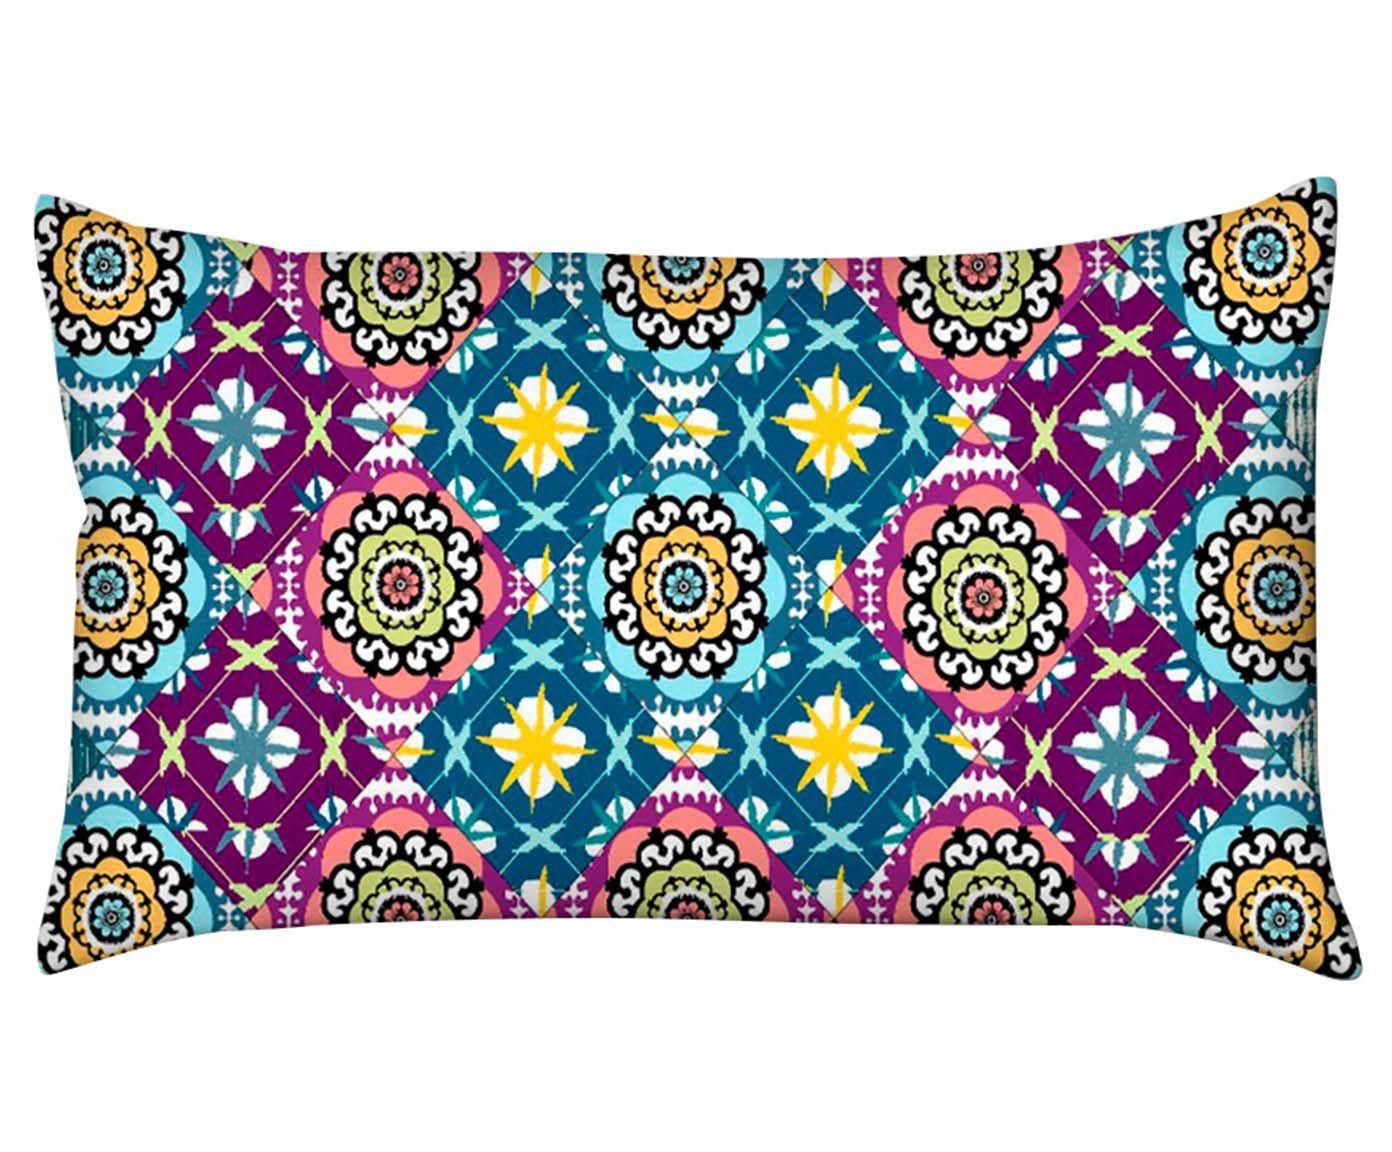 Capa para almofada calm delicate - 20 x 38 cm | Westwing.com.br